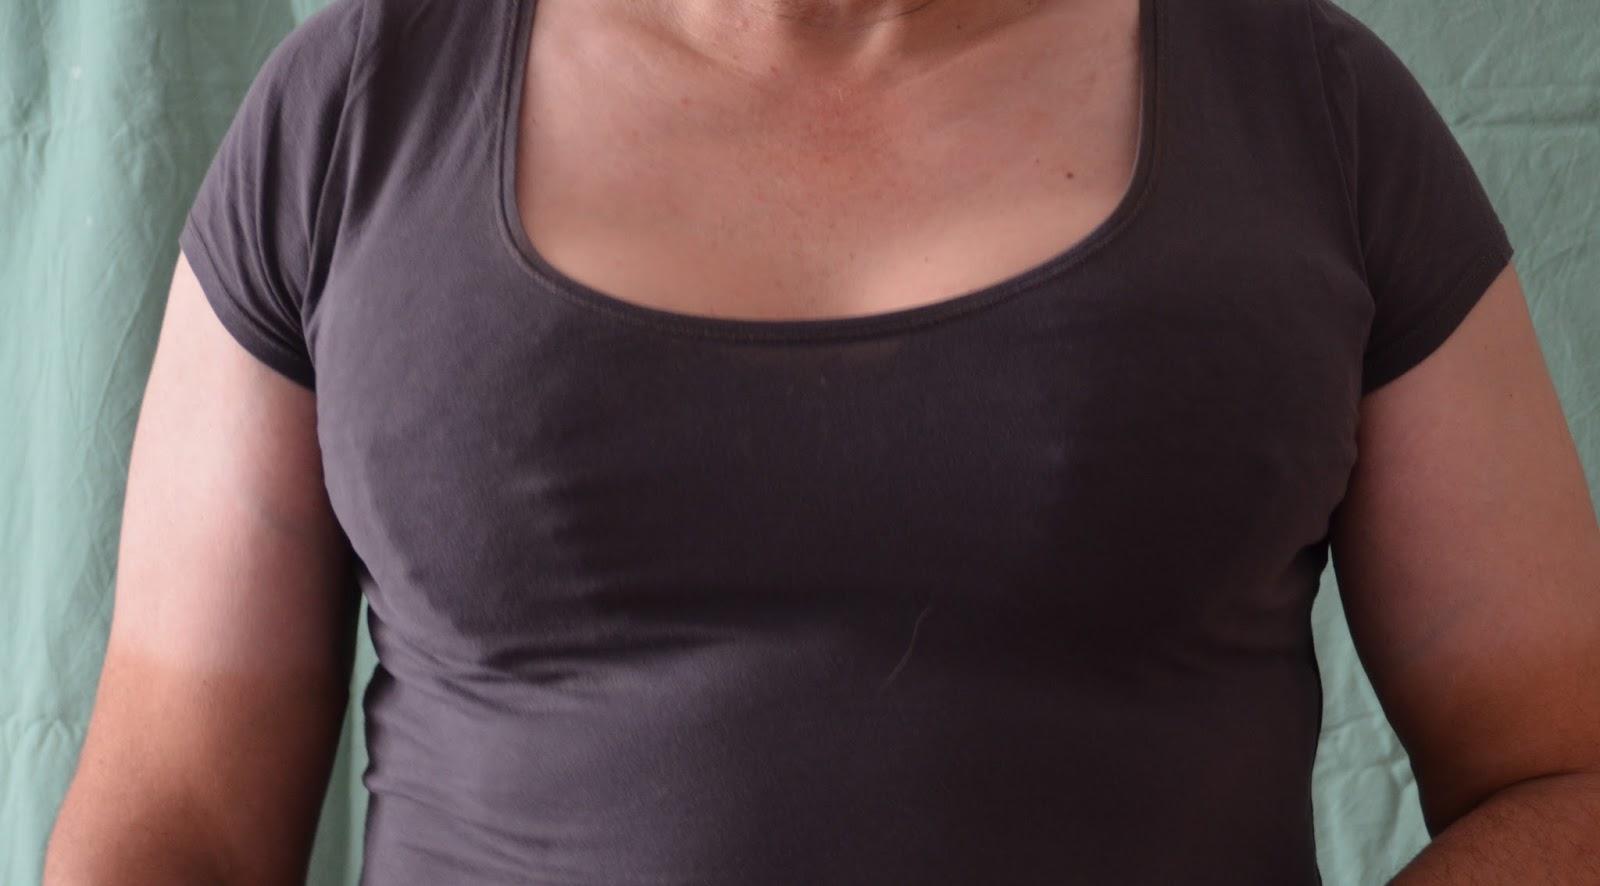 Wie die Brust in 17 Jahre schnell zu vergrössern